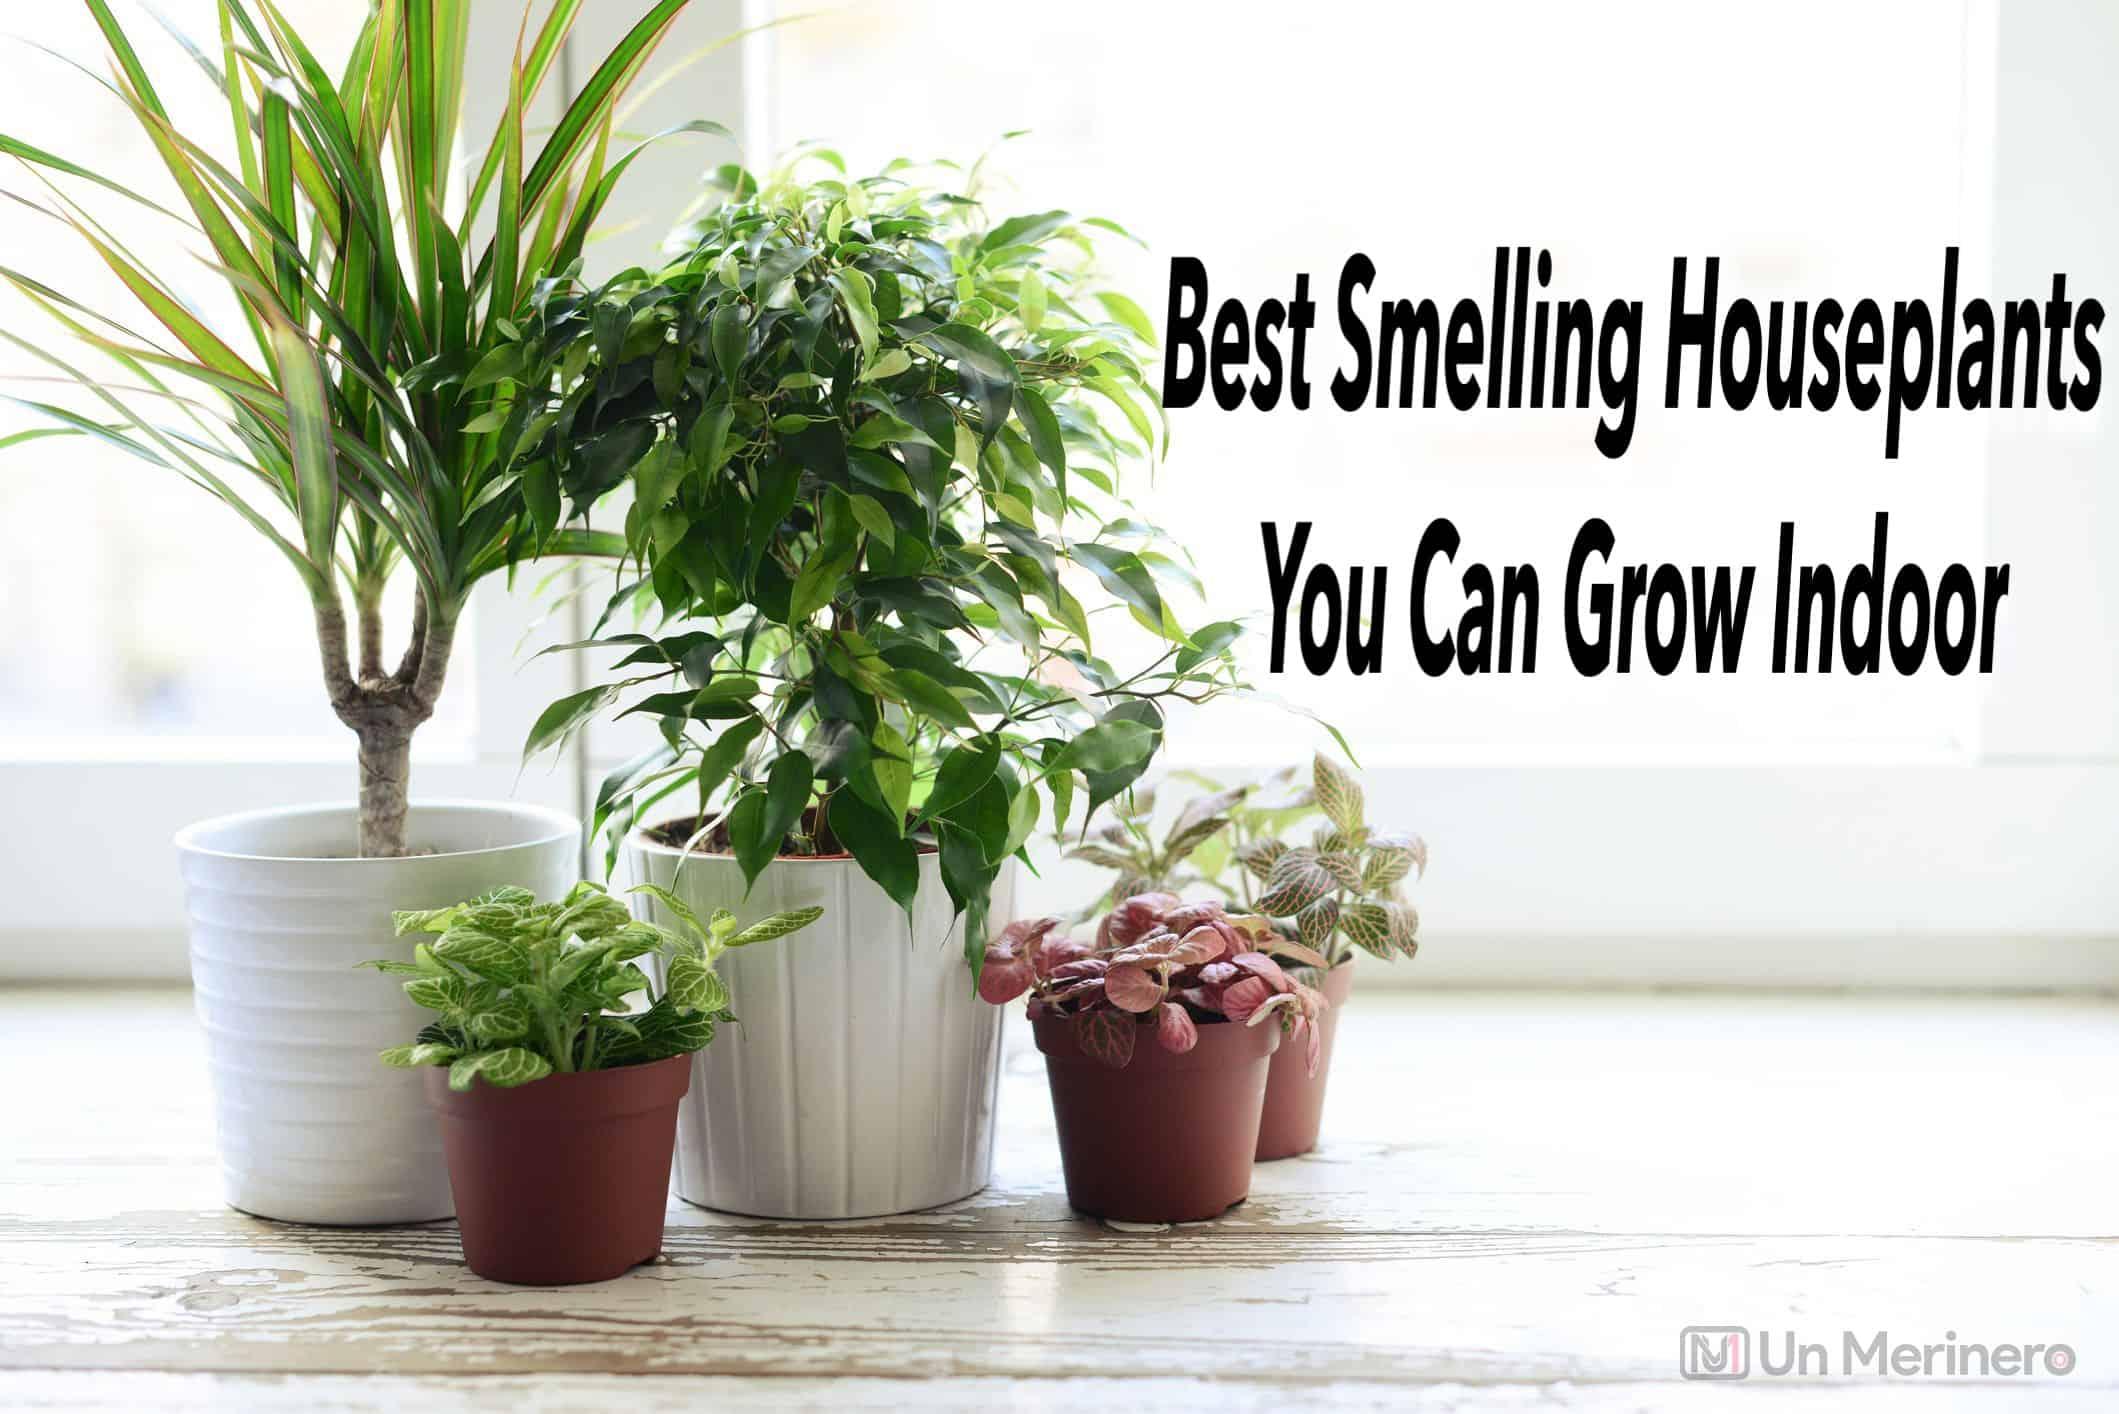 Best Smelling Houseplants to grow indoor